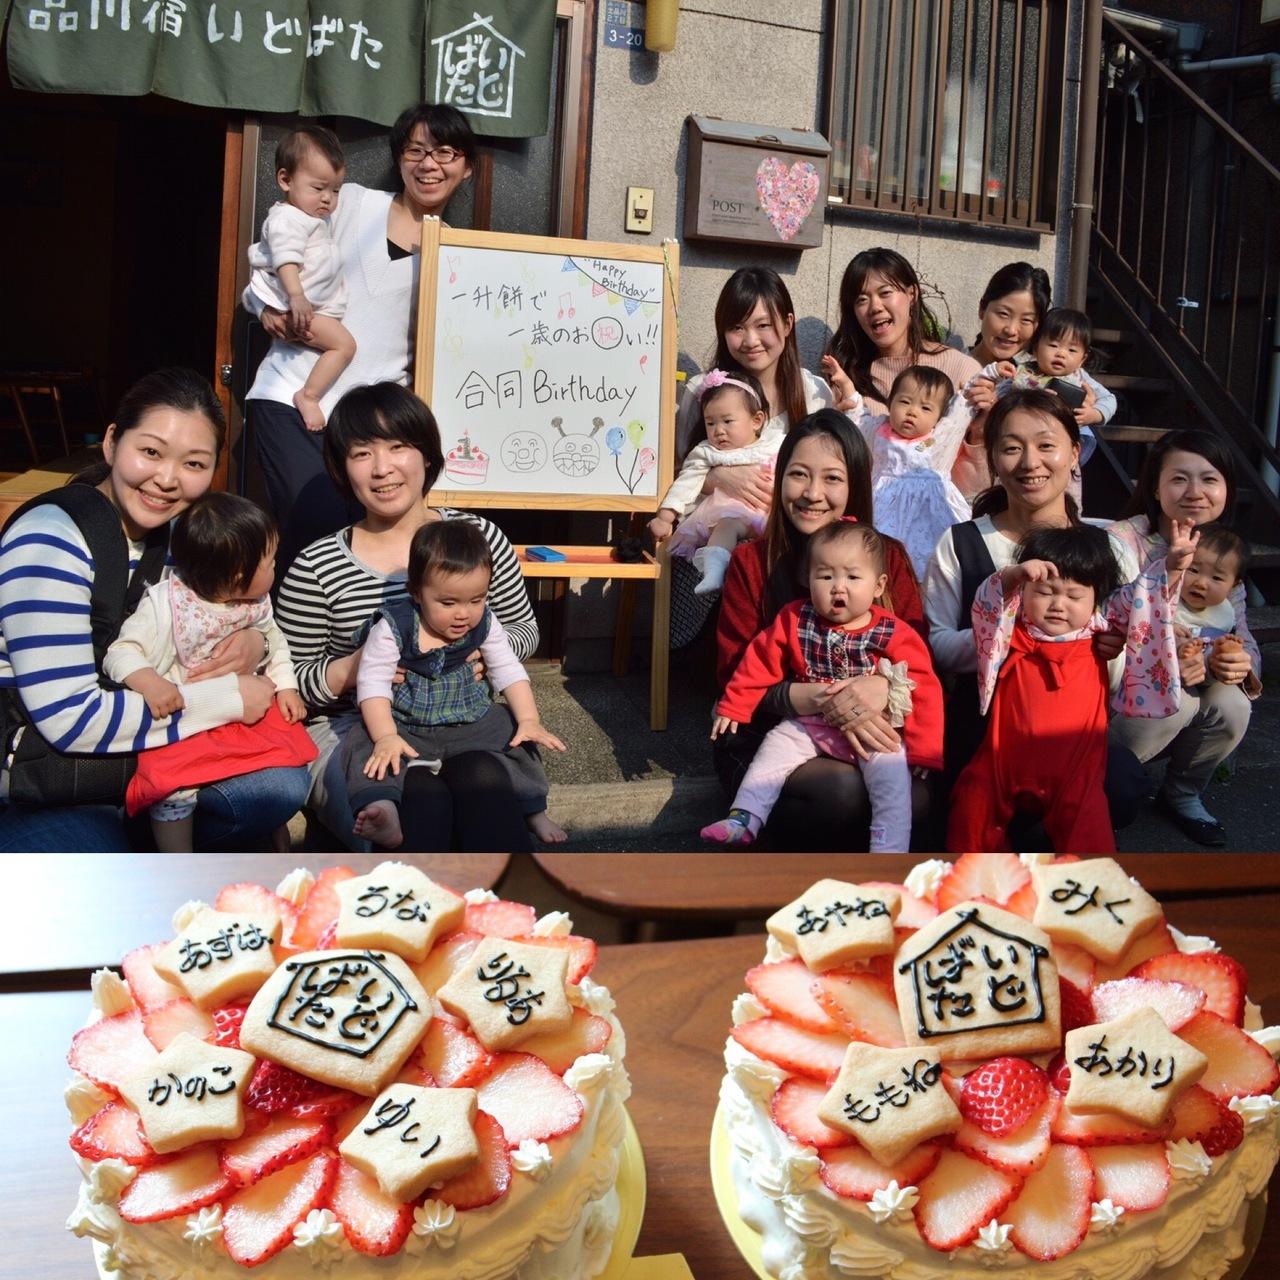 1歳の合同お誕生日会 ~一升餅を背負って健やかな成長を祈ろう~[品川宿いどばた]